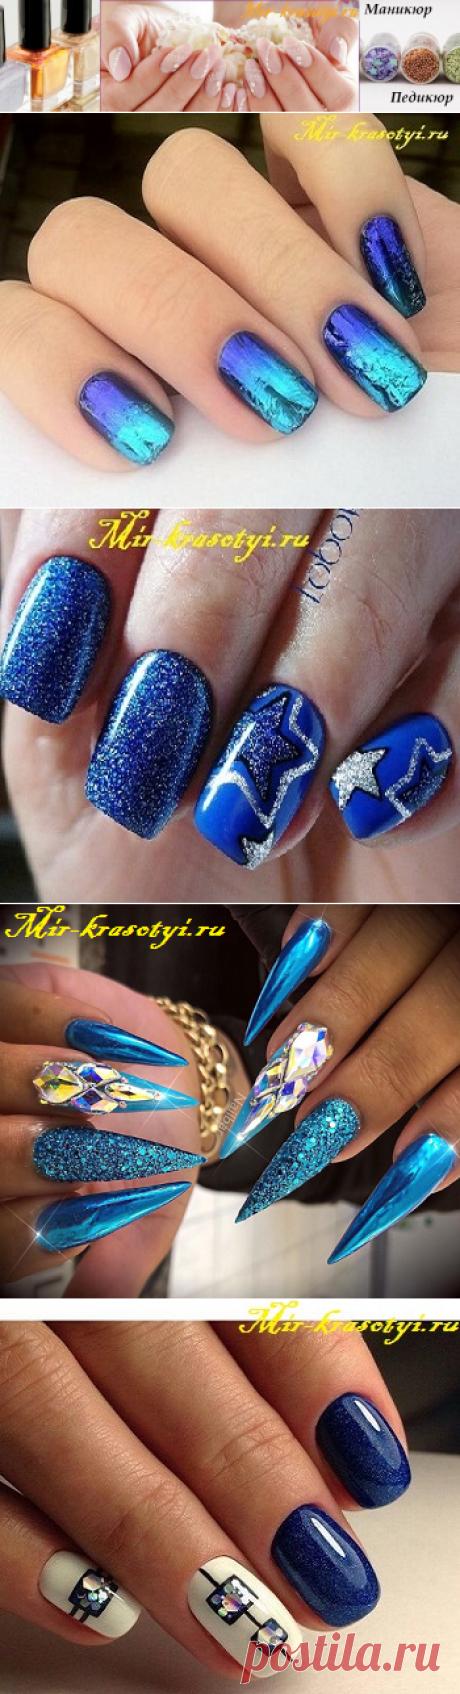 Цвет настроения СИНИЙ! или синие дизайны ногтей 2019